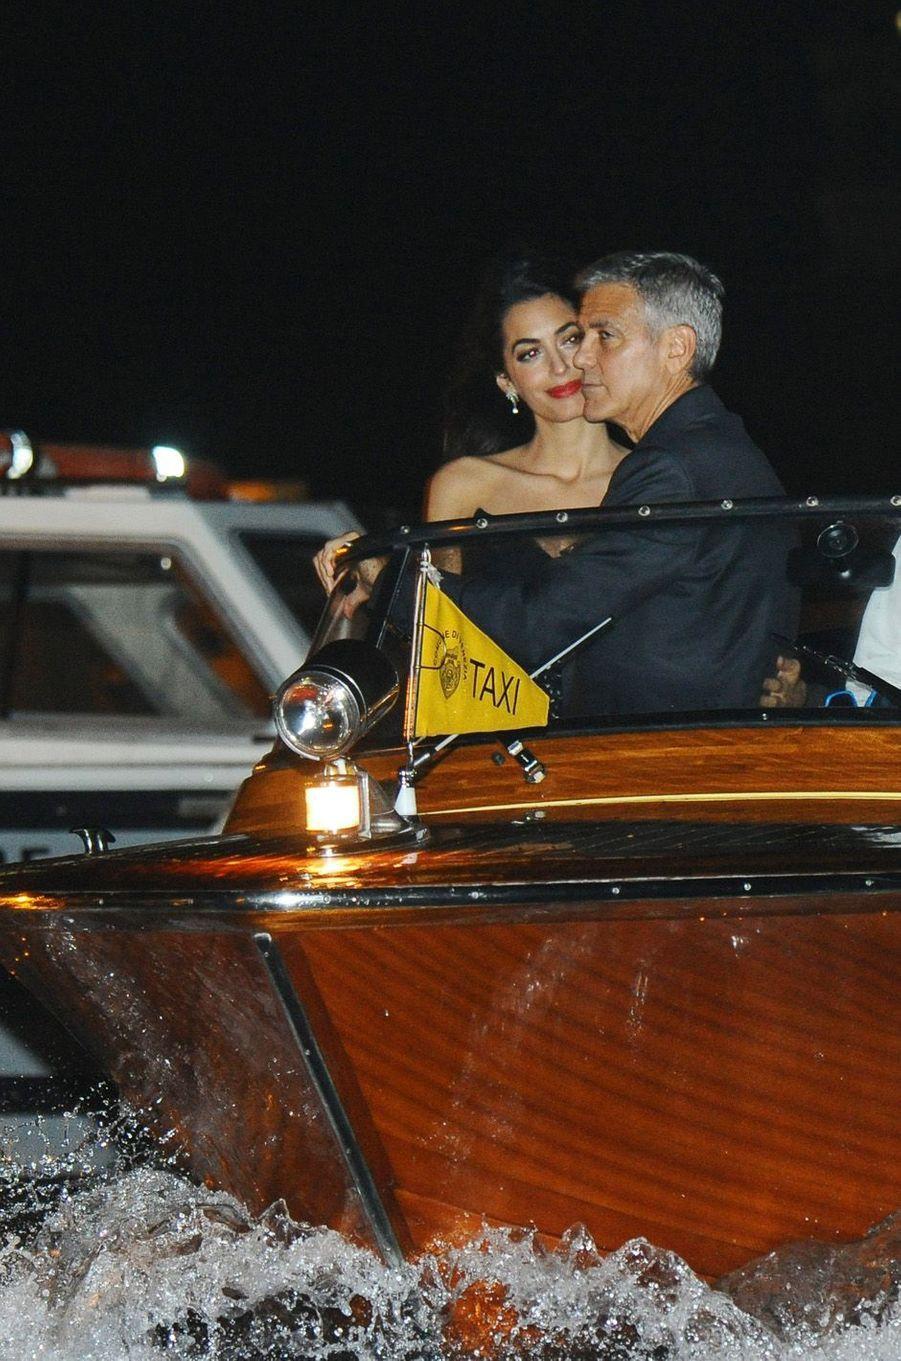 Amal et George Clooney sur un bateau taxi, à Venise le 31 août 2017.